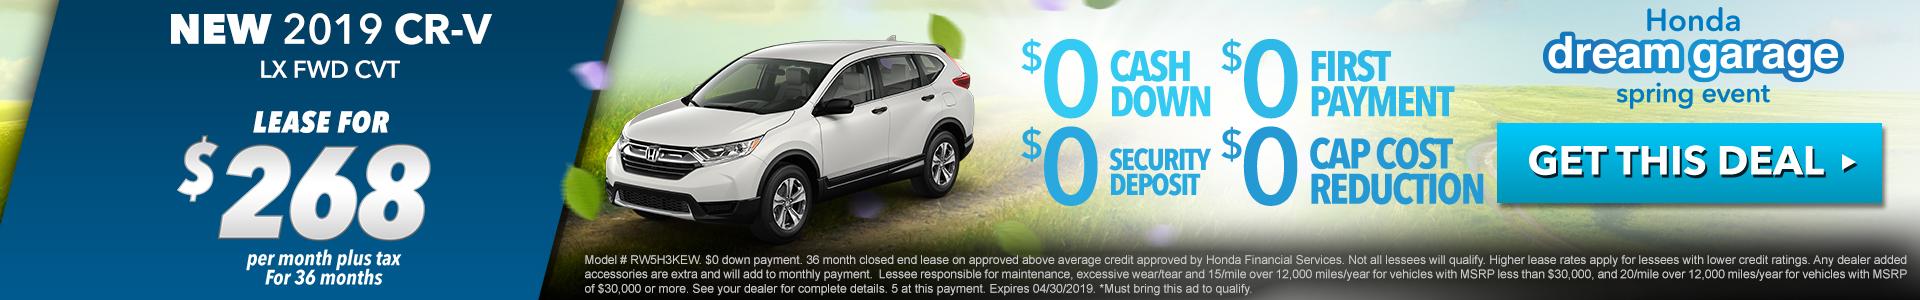 Honda CR-V $268 Lease